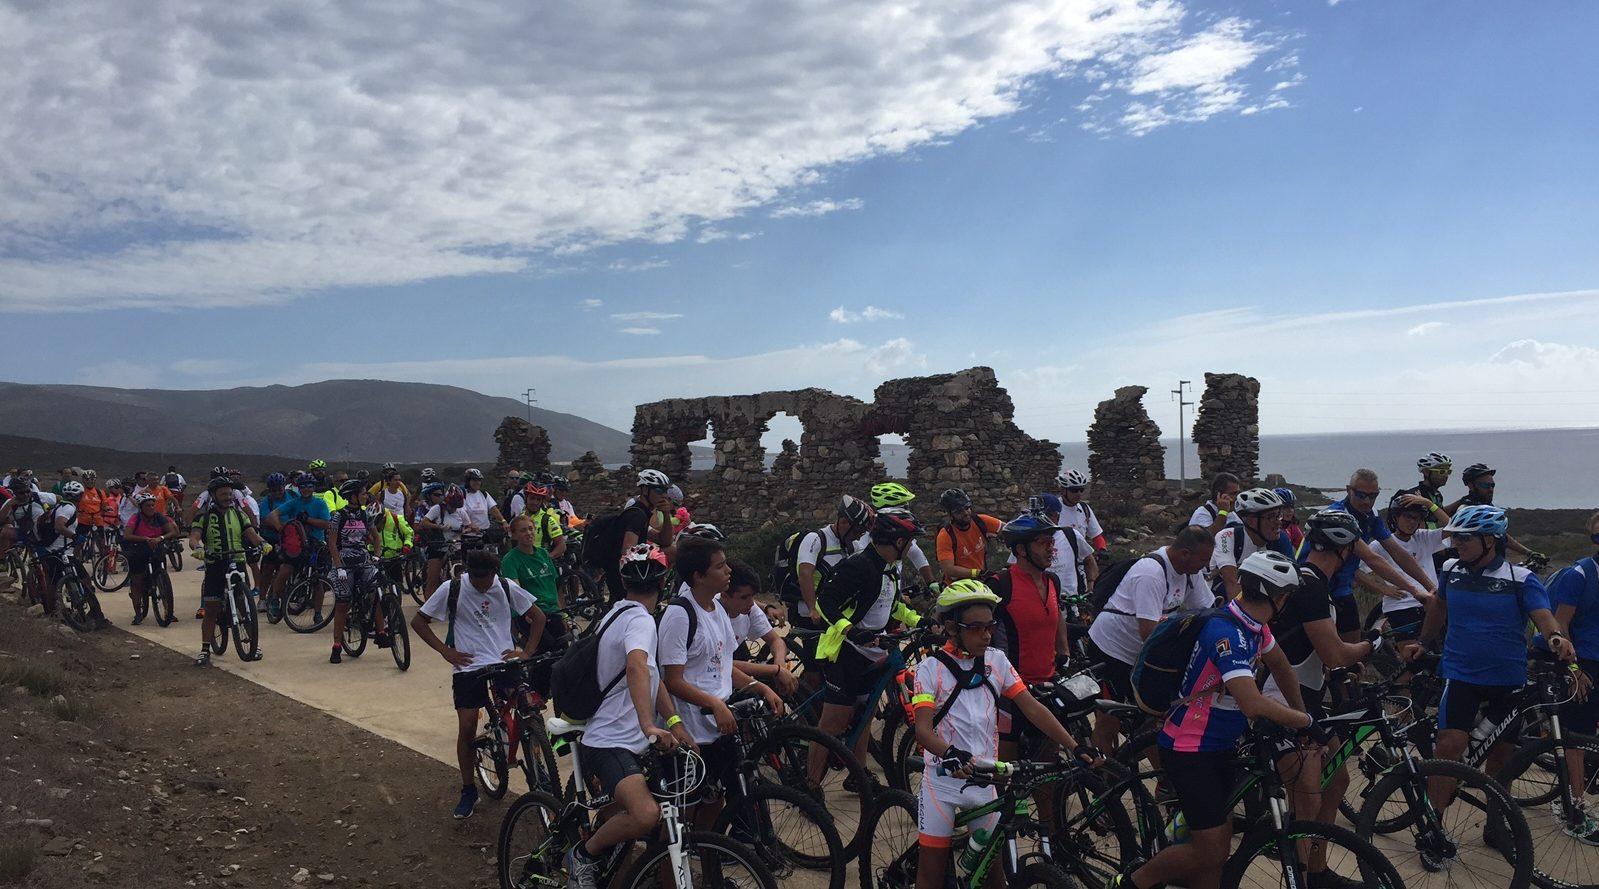 Porto Torres Bike sharing attiva la stazione in piazza della Renaredda. Porto Torres 11 agosto 2017 taglio del nastro per il nuovo servizio: saranno disponibili bici tradizionali e a pedalata assistita.